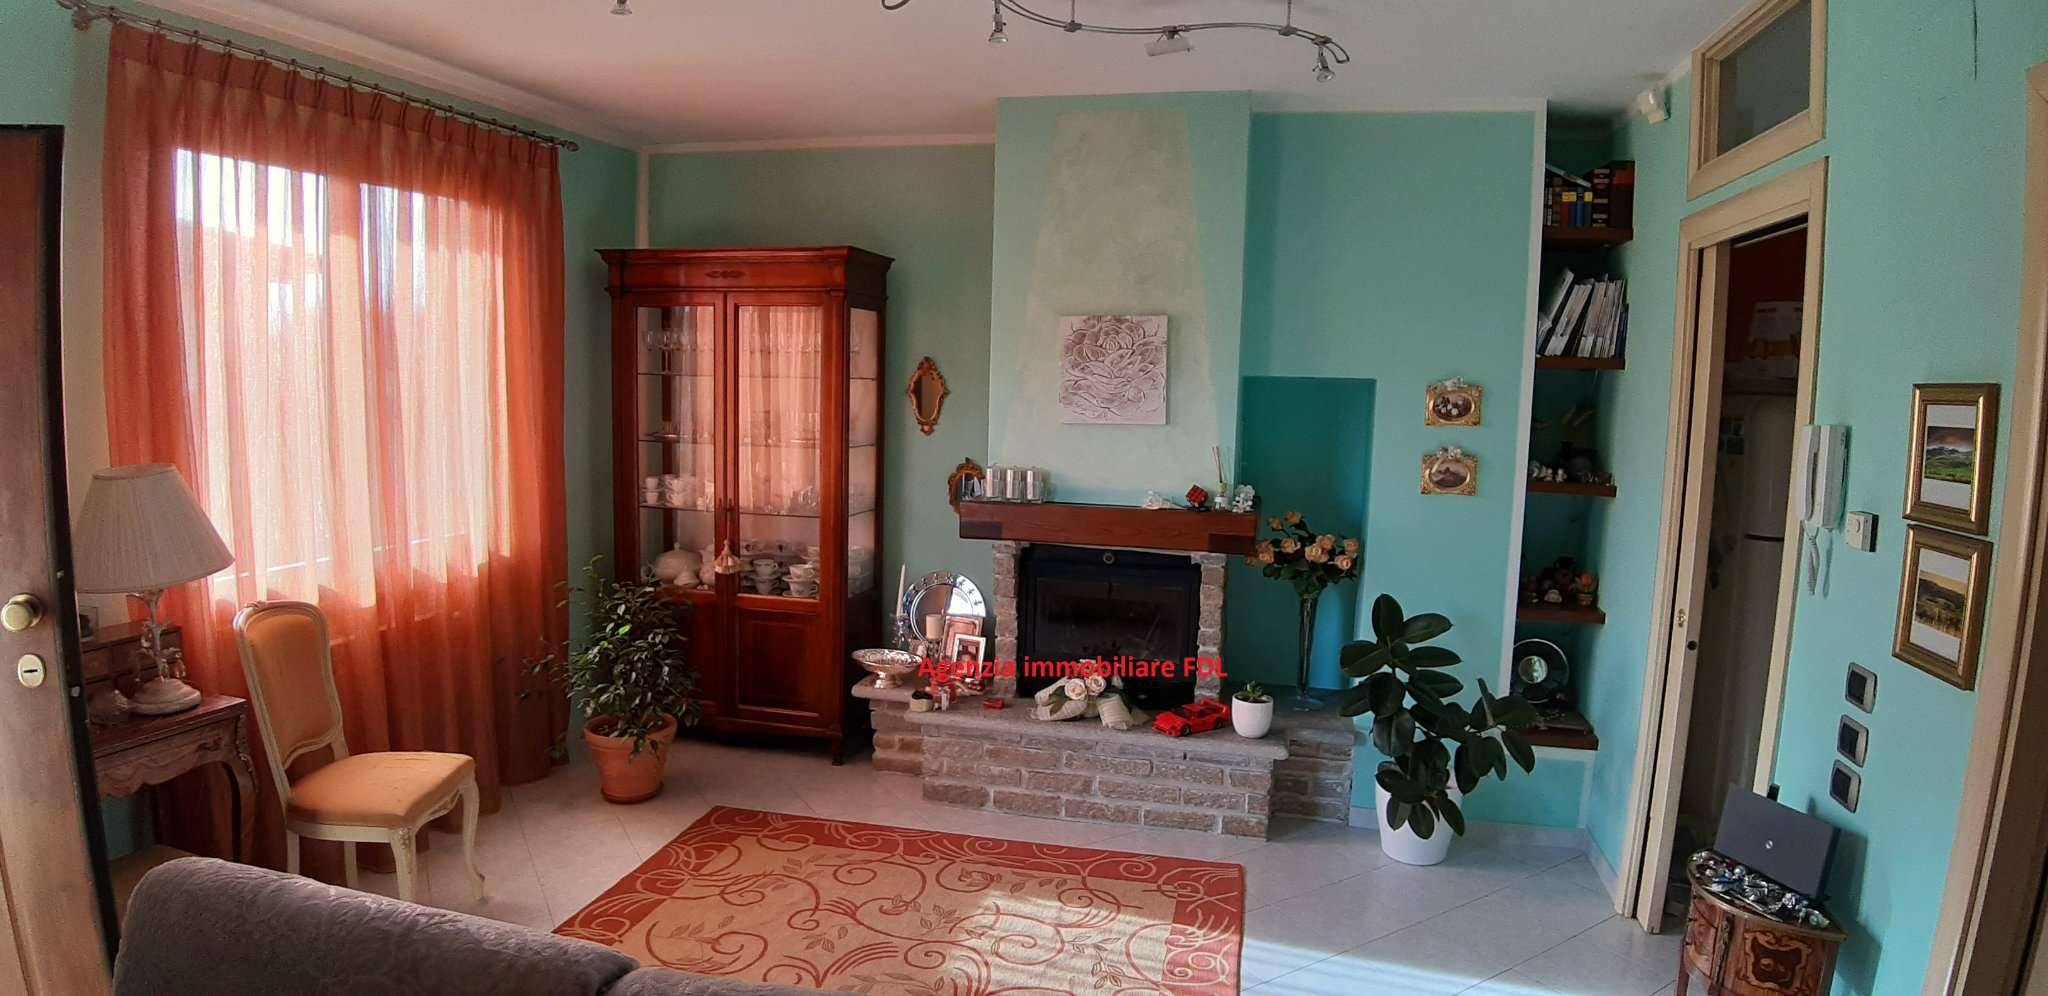 Appartamento in vendita a Montopoli in Val d'Arno, 4 locali, prezzo € 170.000 | PortaleAgenzieImmobiliari.it